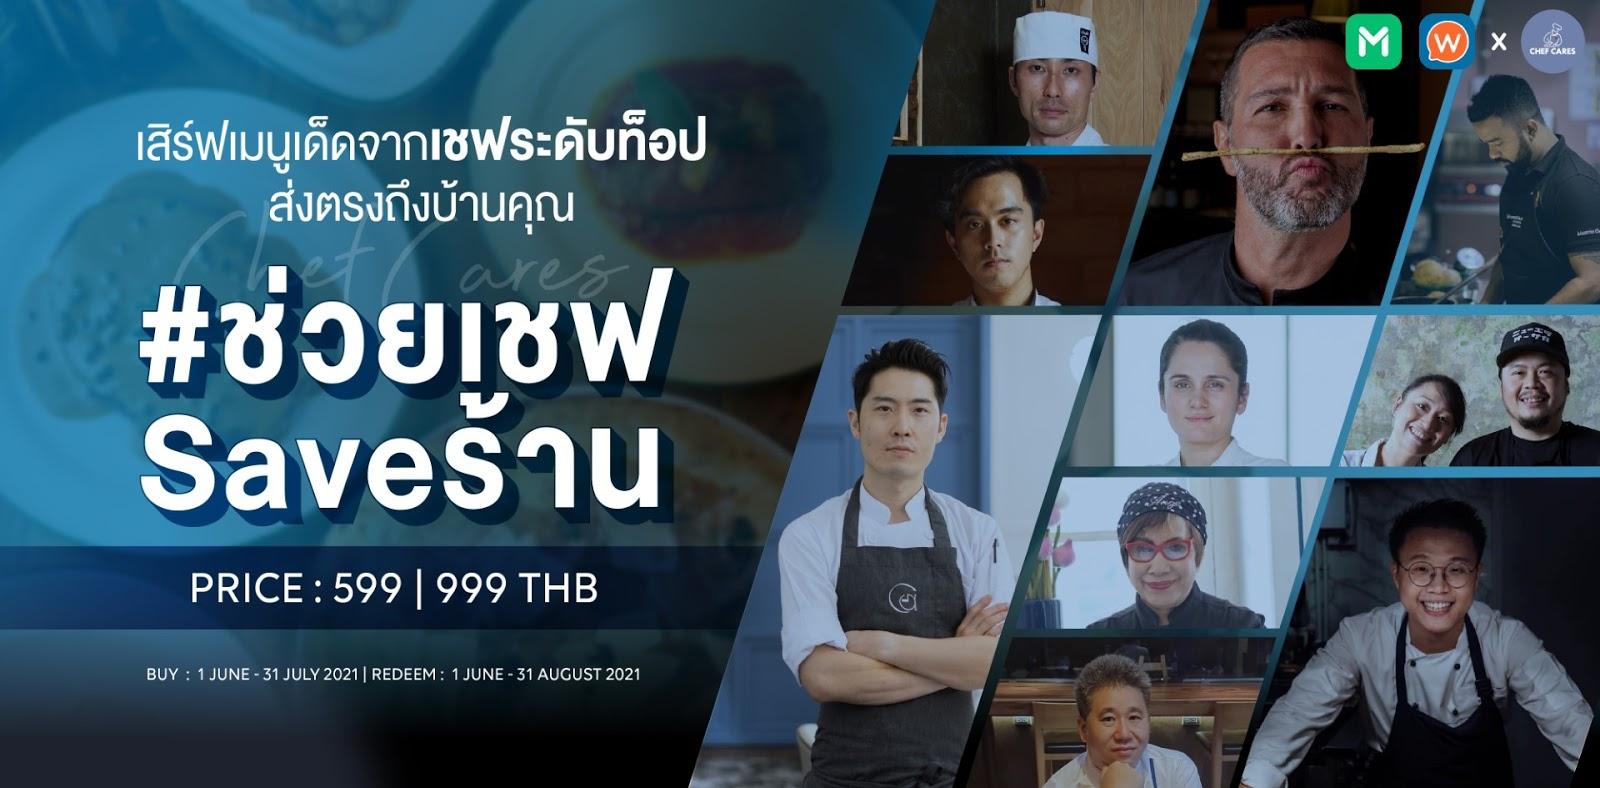 เล่าเรื่องจากรสชาติของ 3 ร้านอาหารไฟน์ไดนิ่ง ที่พร้อมเสิร์ฟความคุ้มค่าผ่านเมนูเดลิเวอรีในโปรเจกต์ #ช่วยเชฟSaveร้าน จาก Wongnai x Chef Cares